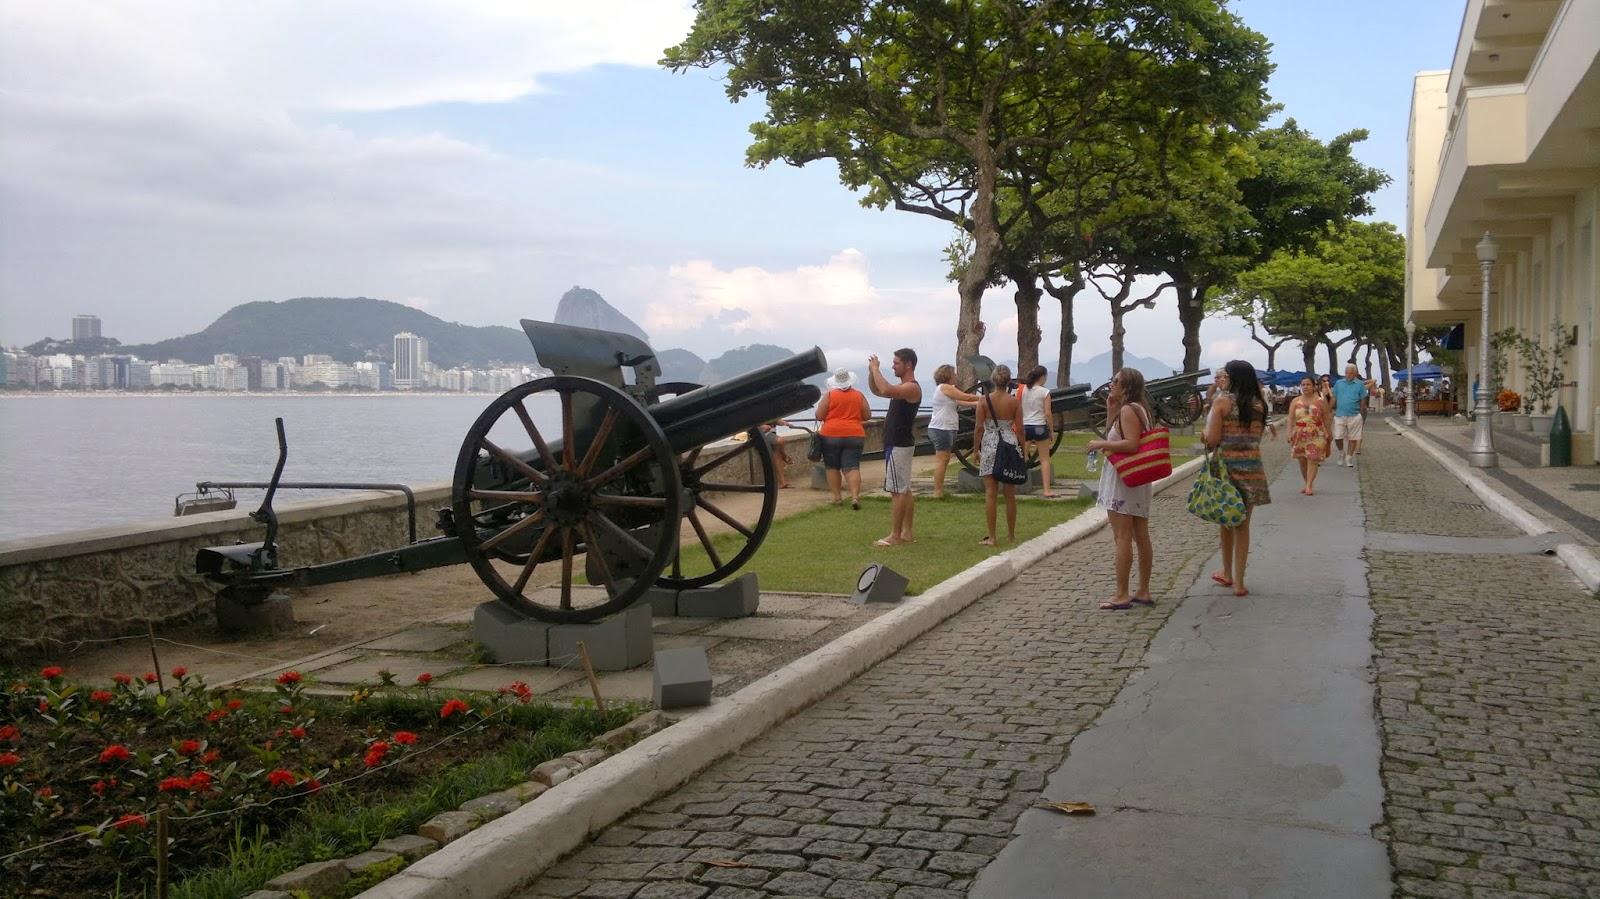 Forte de Copacabana, Rio de Janeiro